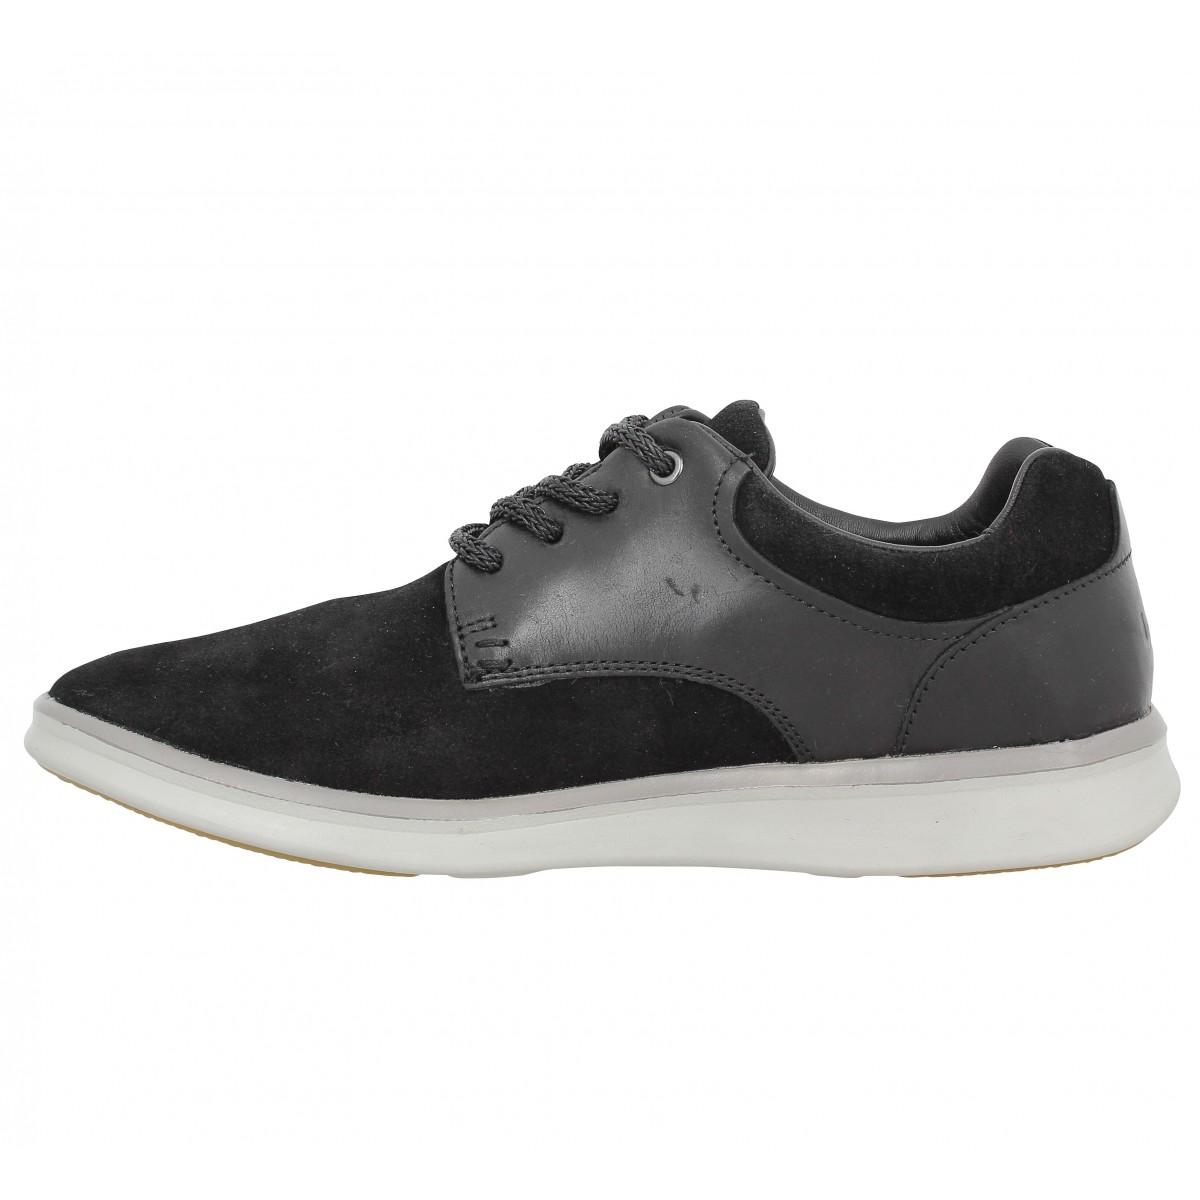 UGG HEPNER - Chaussures à lacets noir fQYGJEFznu